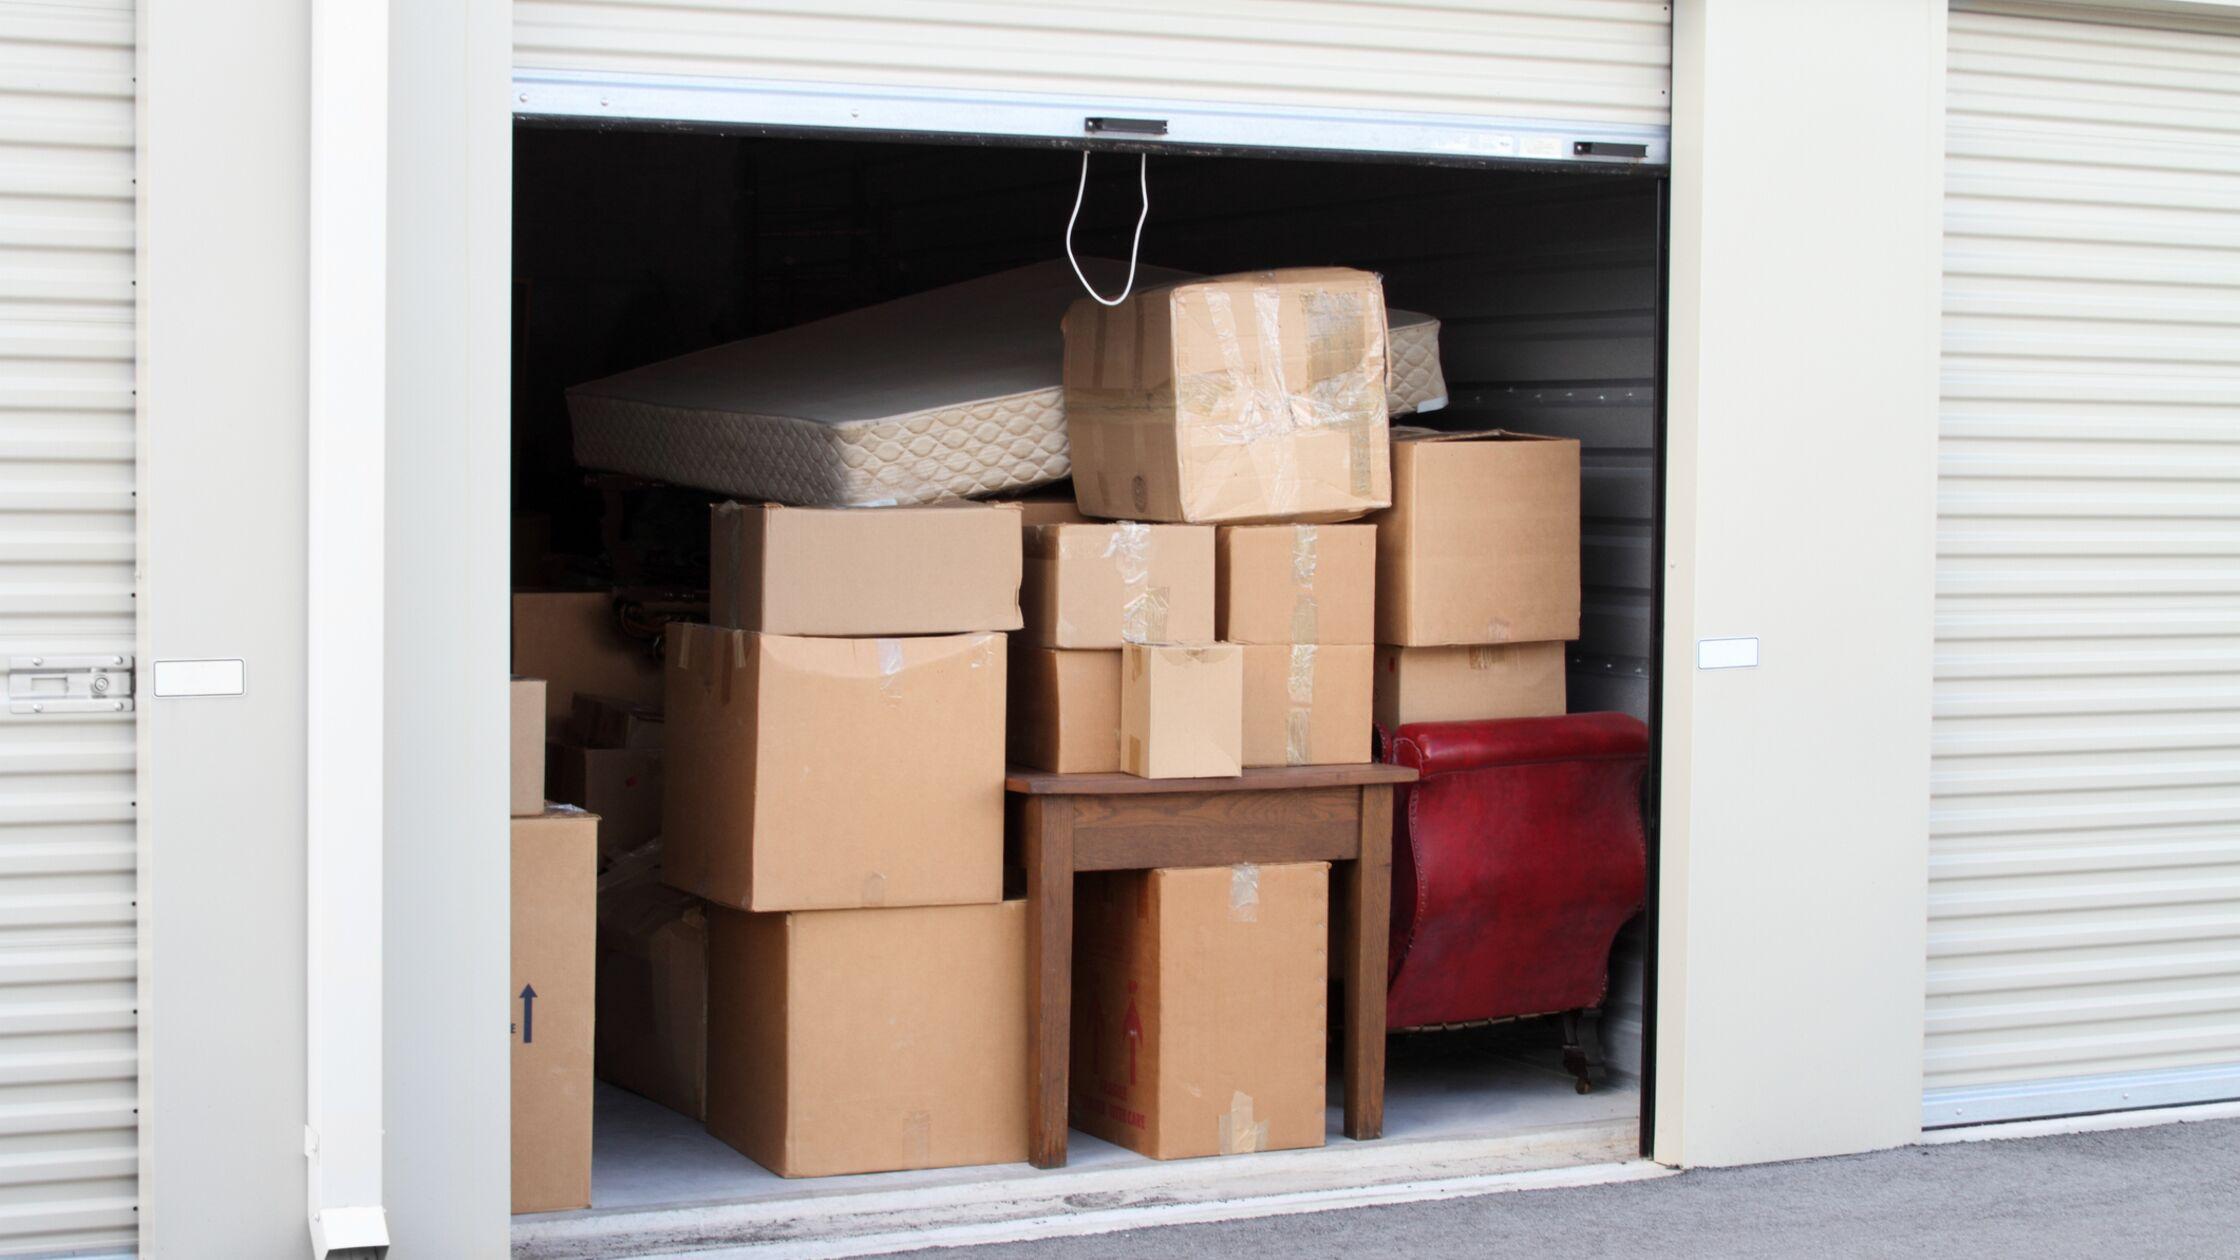 Möbel einlagern: Tipps für Selfstorage beim Umzug